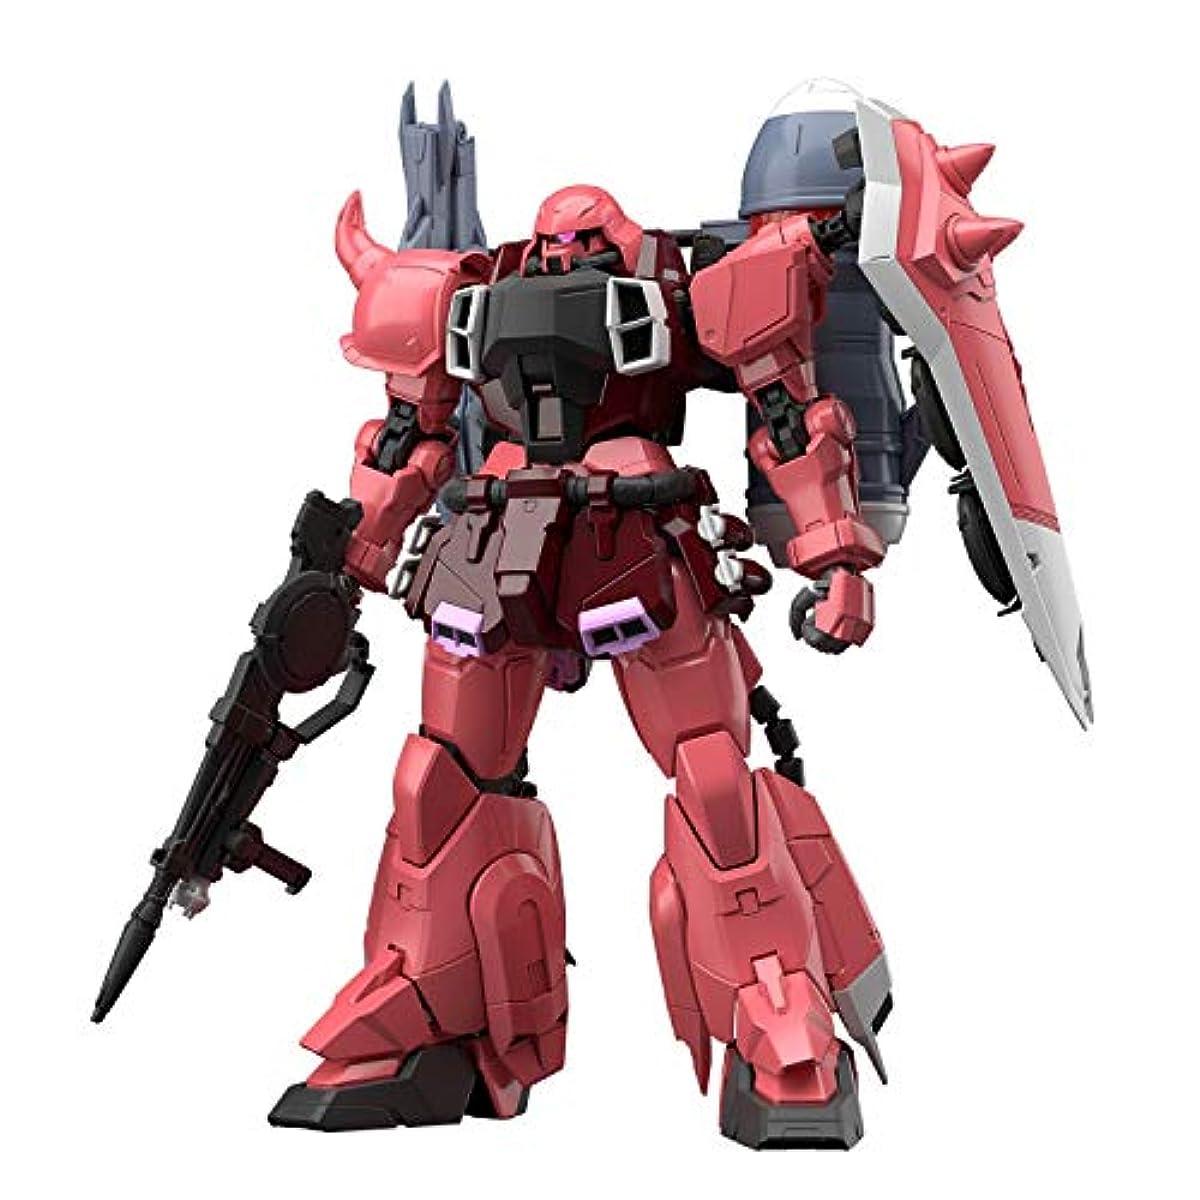 [해외] MG 기동 전사 건담SEED DESTINY 가나자쿠 워리어루나마리아호크 전용기 1/100스케일 색별 분류필 프라모델